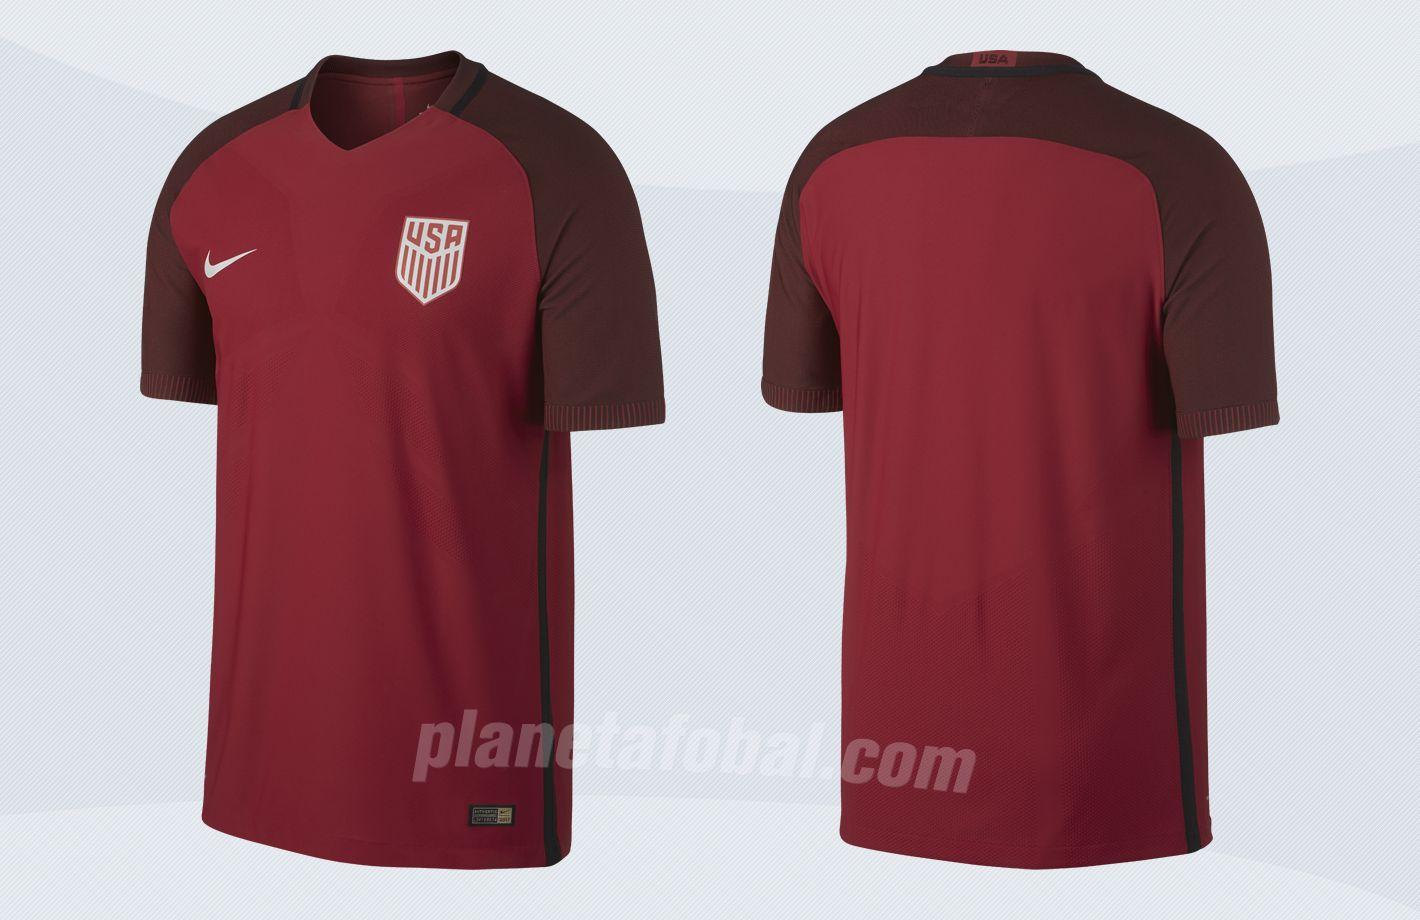 Camiseta roja de los Estados Unidos | Imágenes Nike